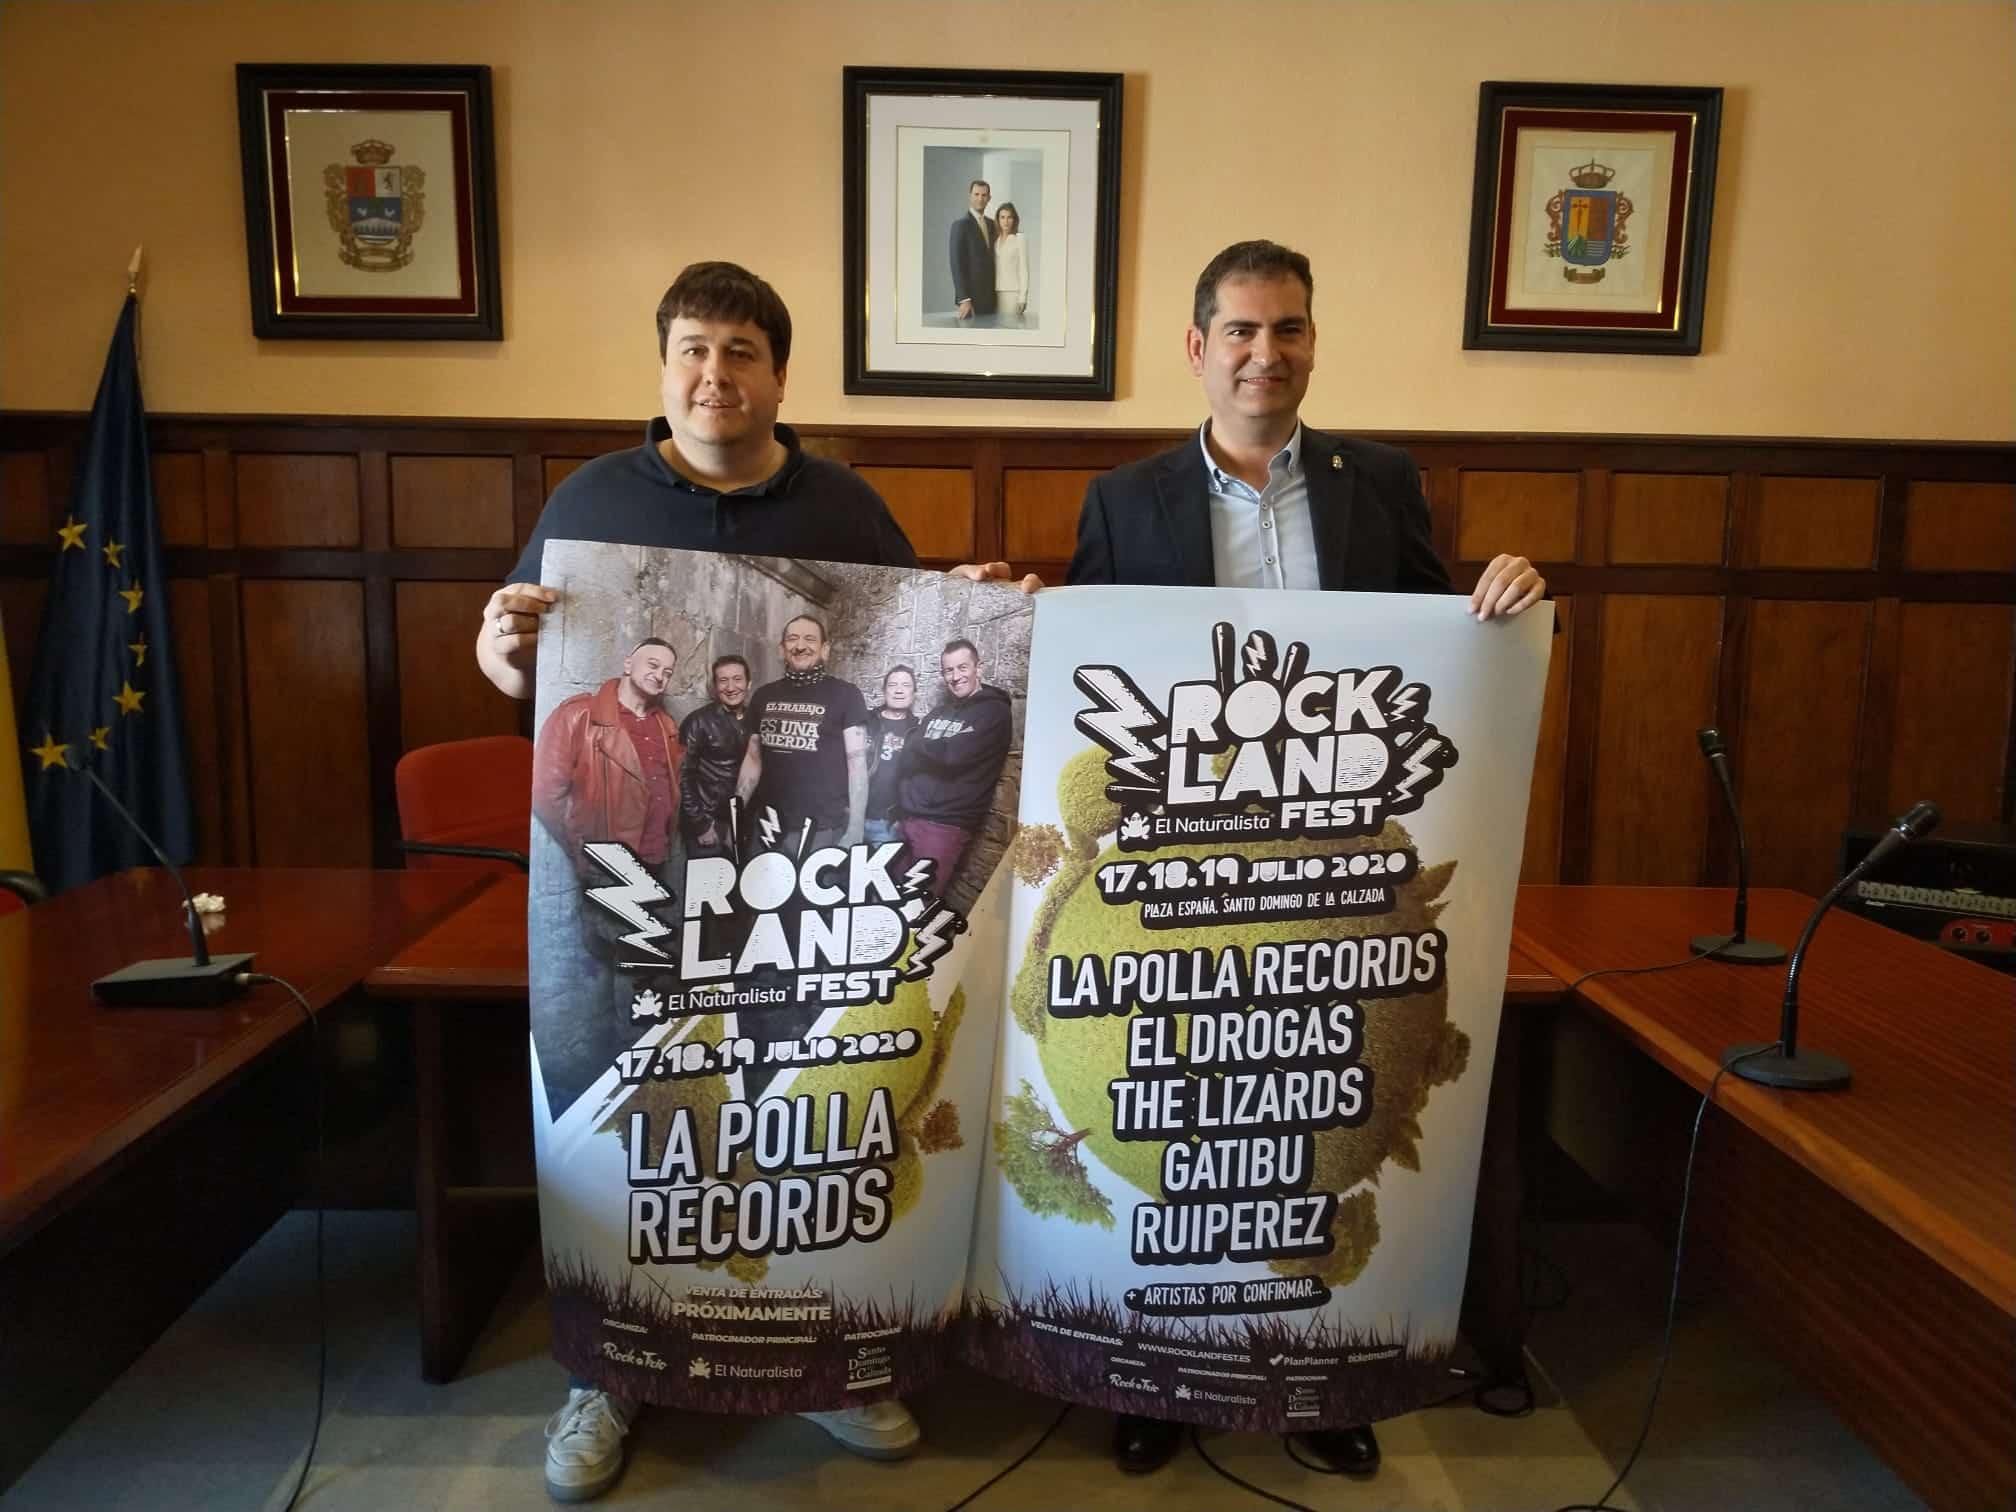 'La Polla Records' encabeza el RockLand El Naturalista Fest de Santo Domingo 1